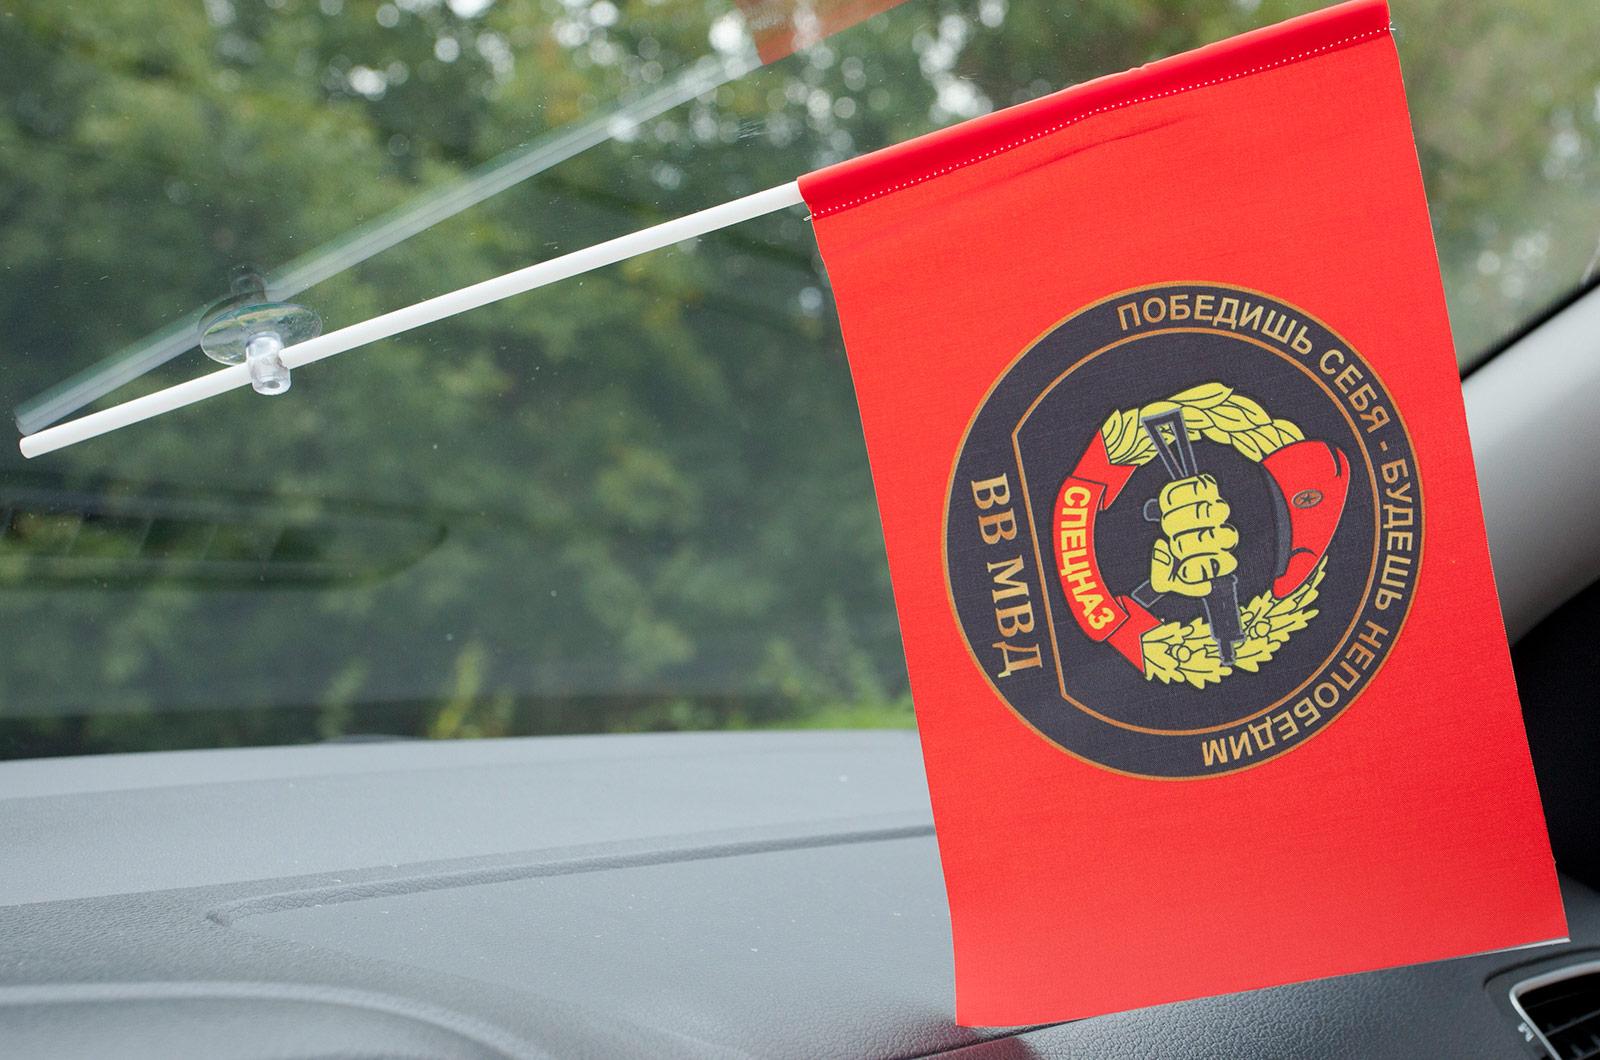 Флажок в машину с присоской Спецназ ВВ с девизом